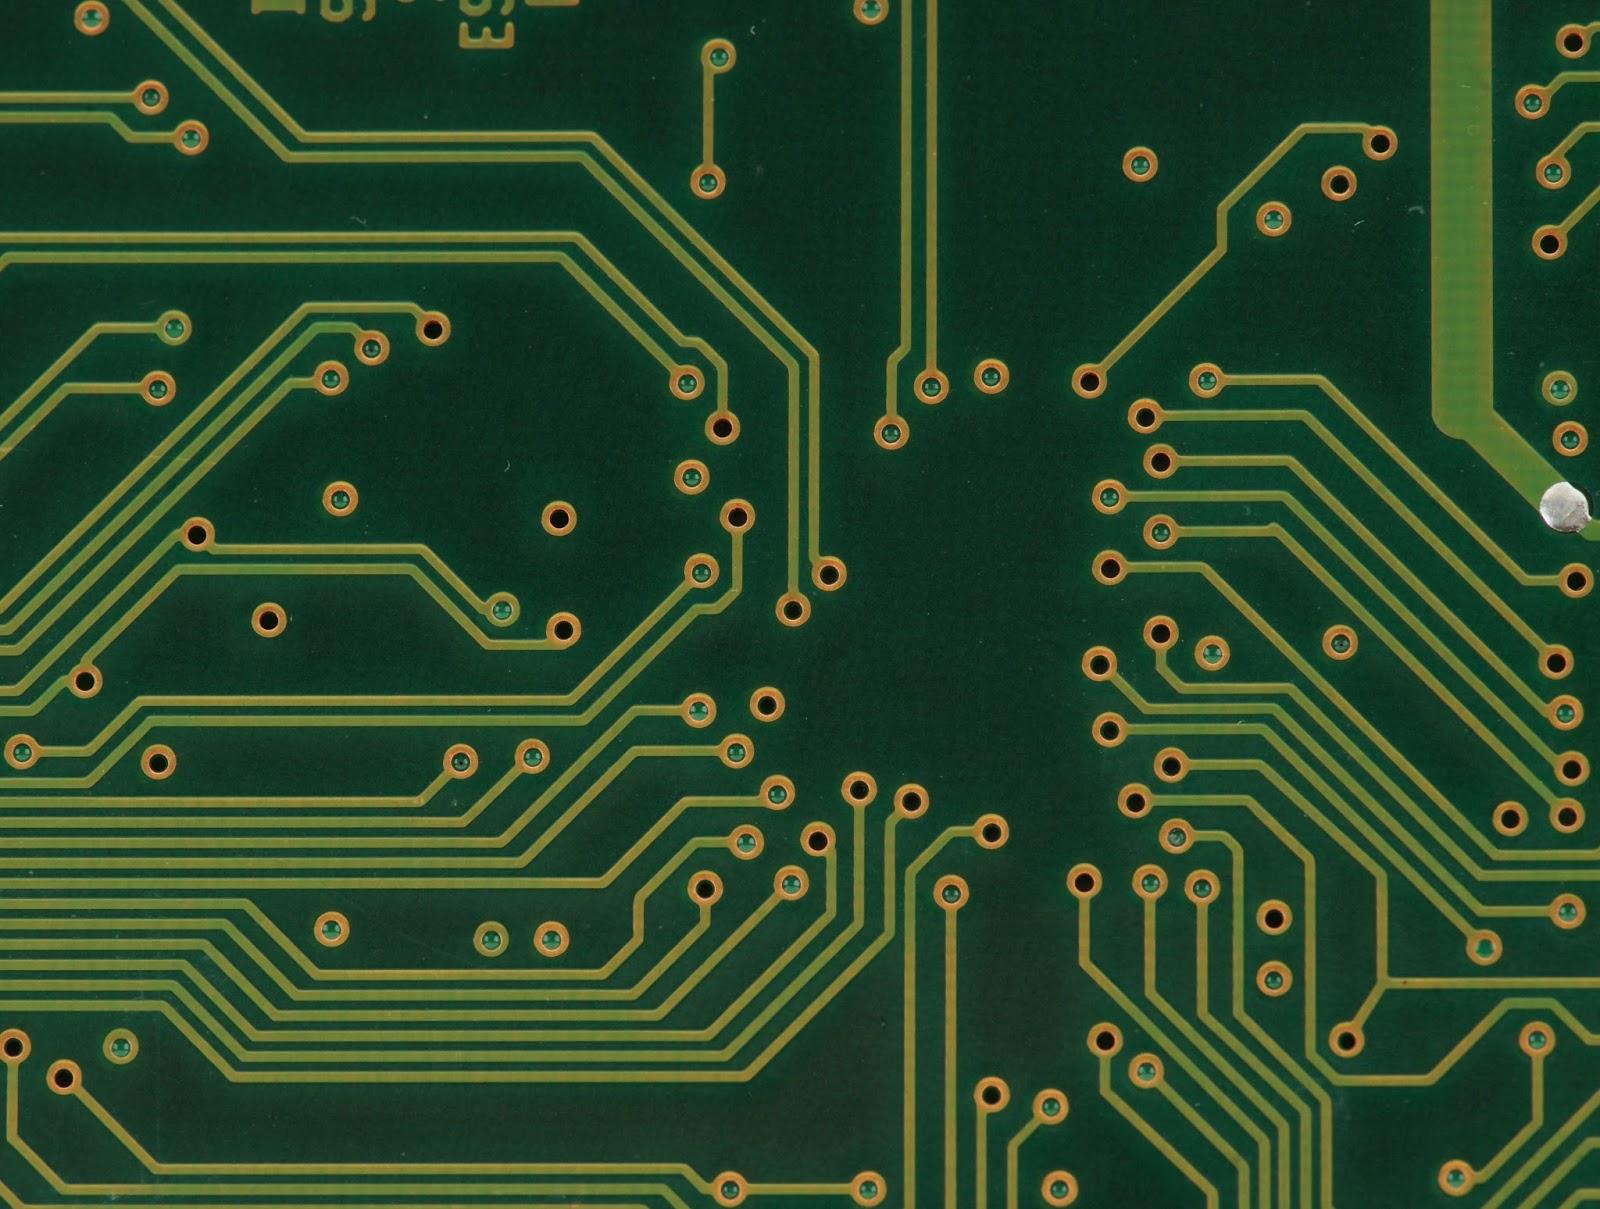 Circuito Impreso : Circuitos impresos que son explico fácil explico facil